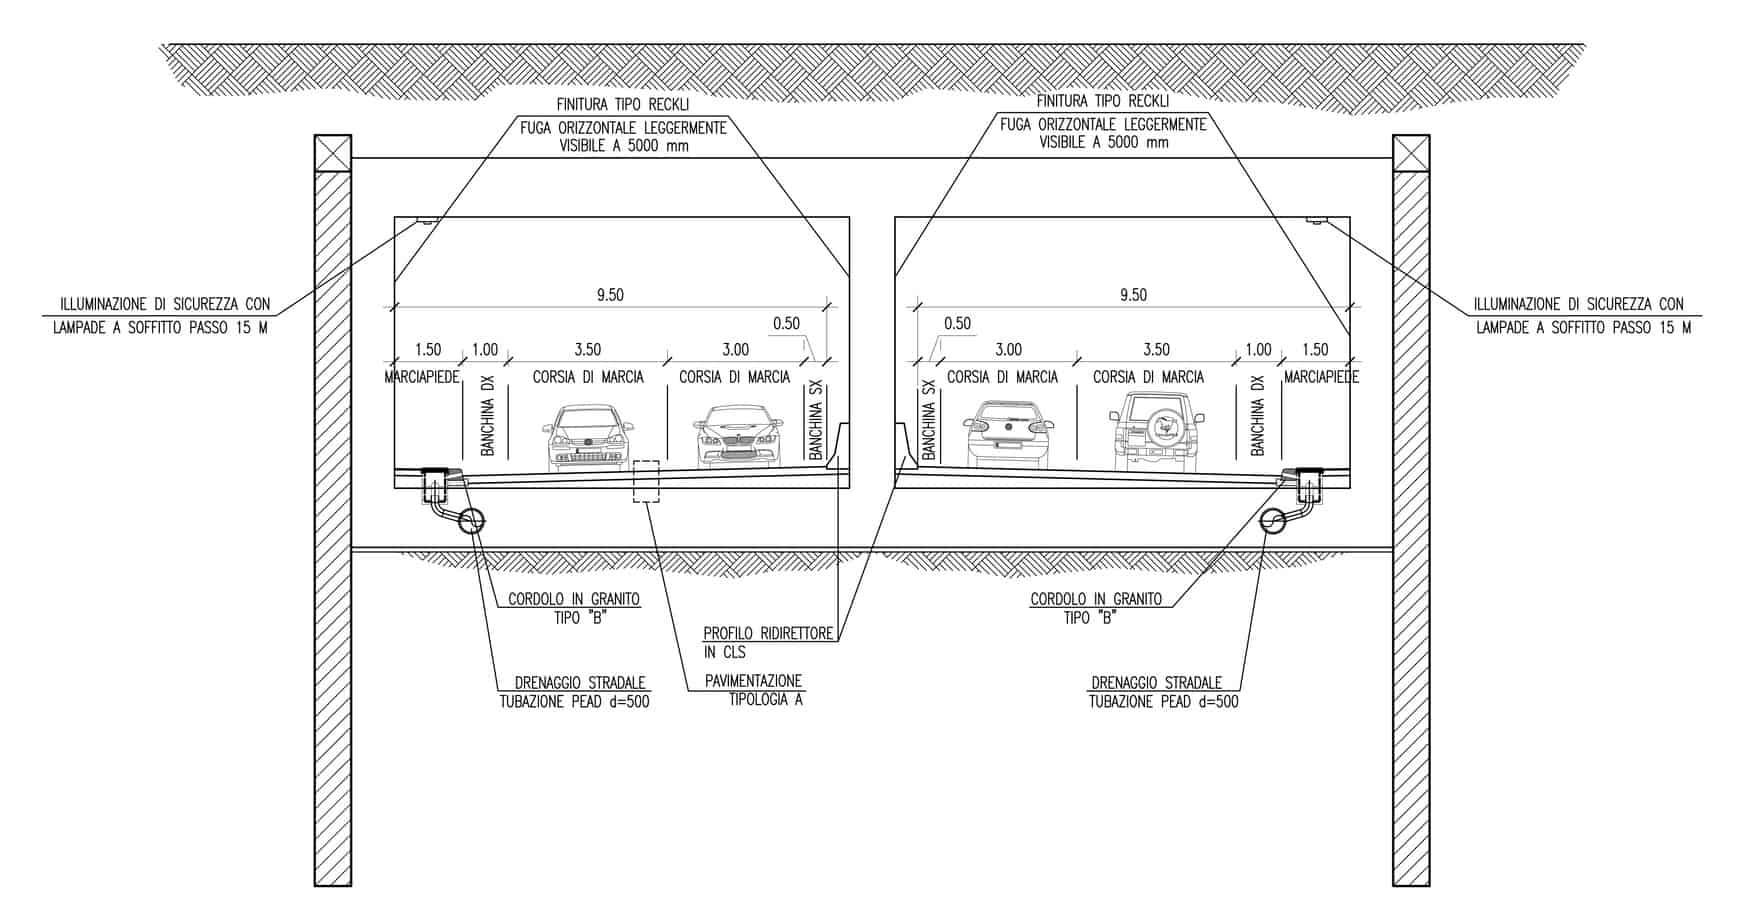 La sezione tipologica della galleria artificiale